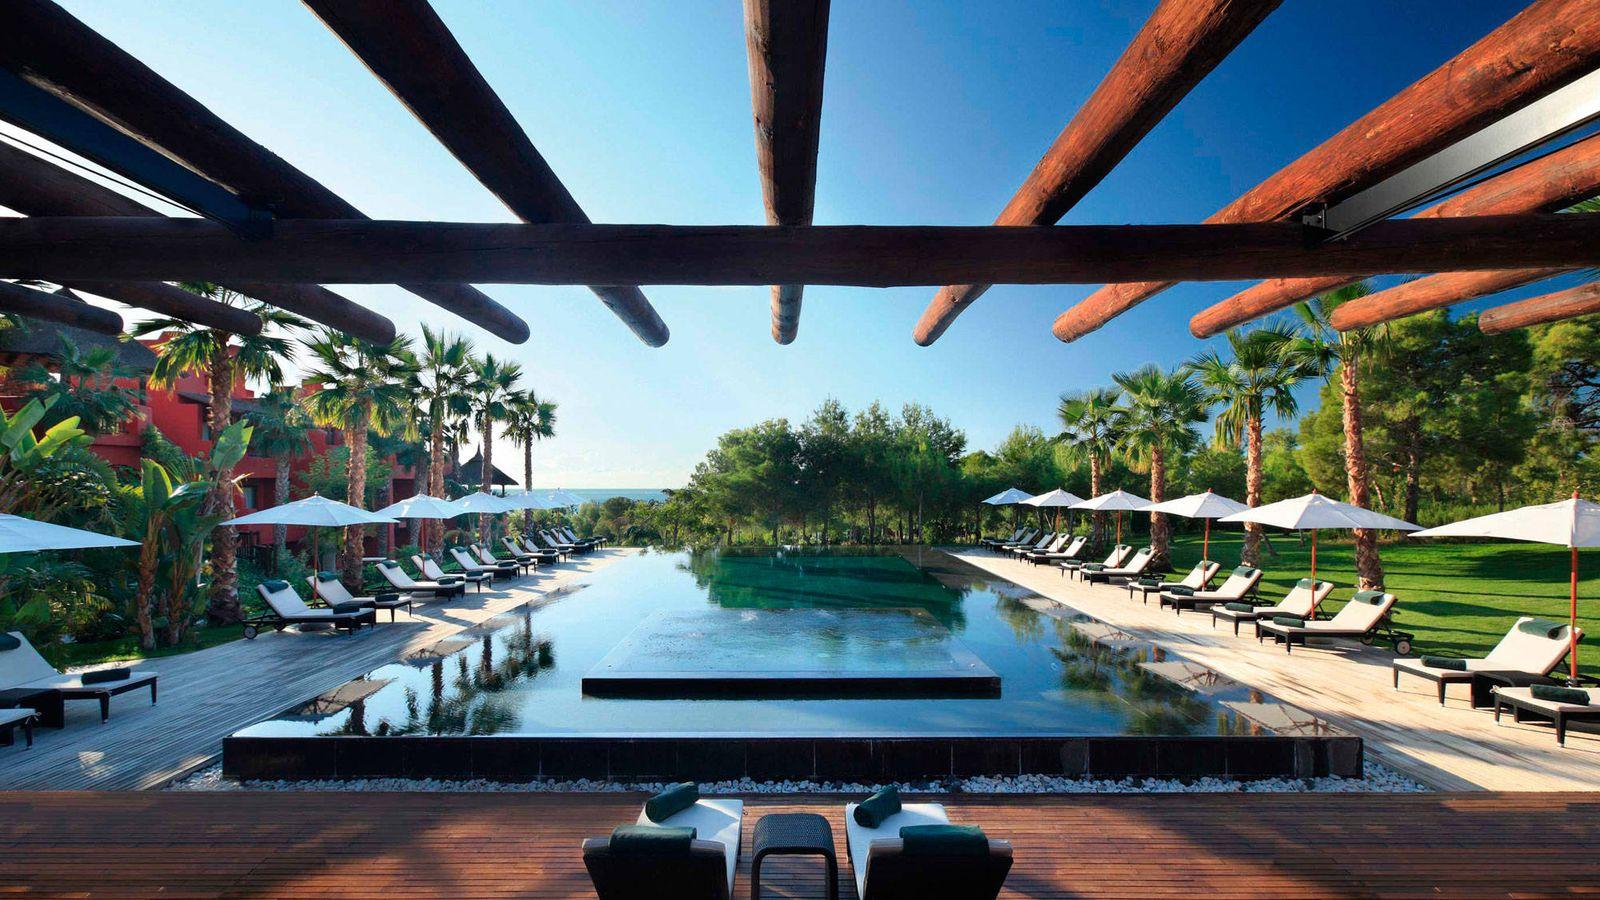 Foto: El hotel Asia Gardens es un paraíso tailandés en Alicante. (Cortesía)